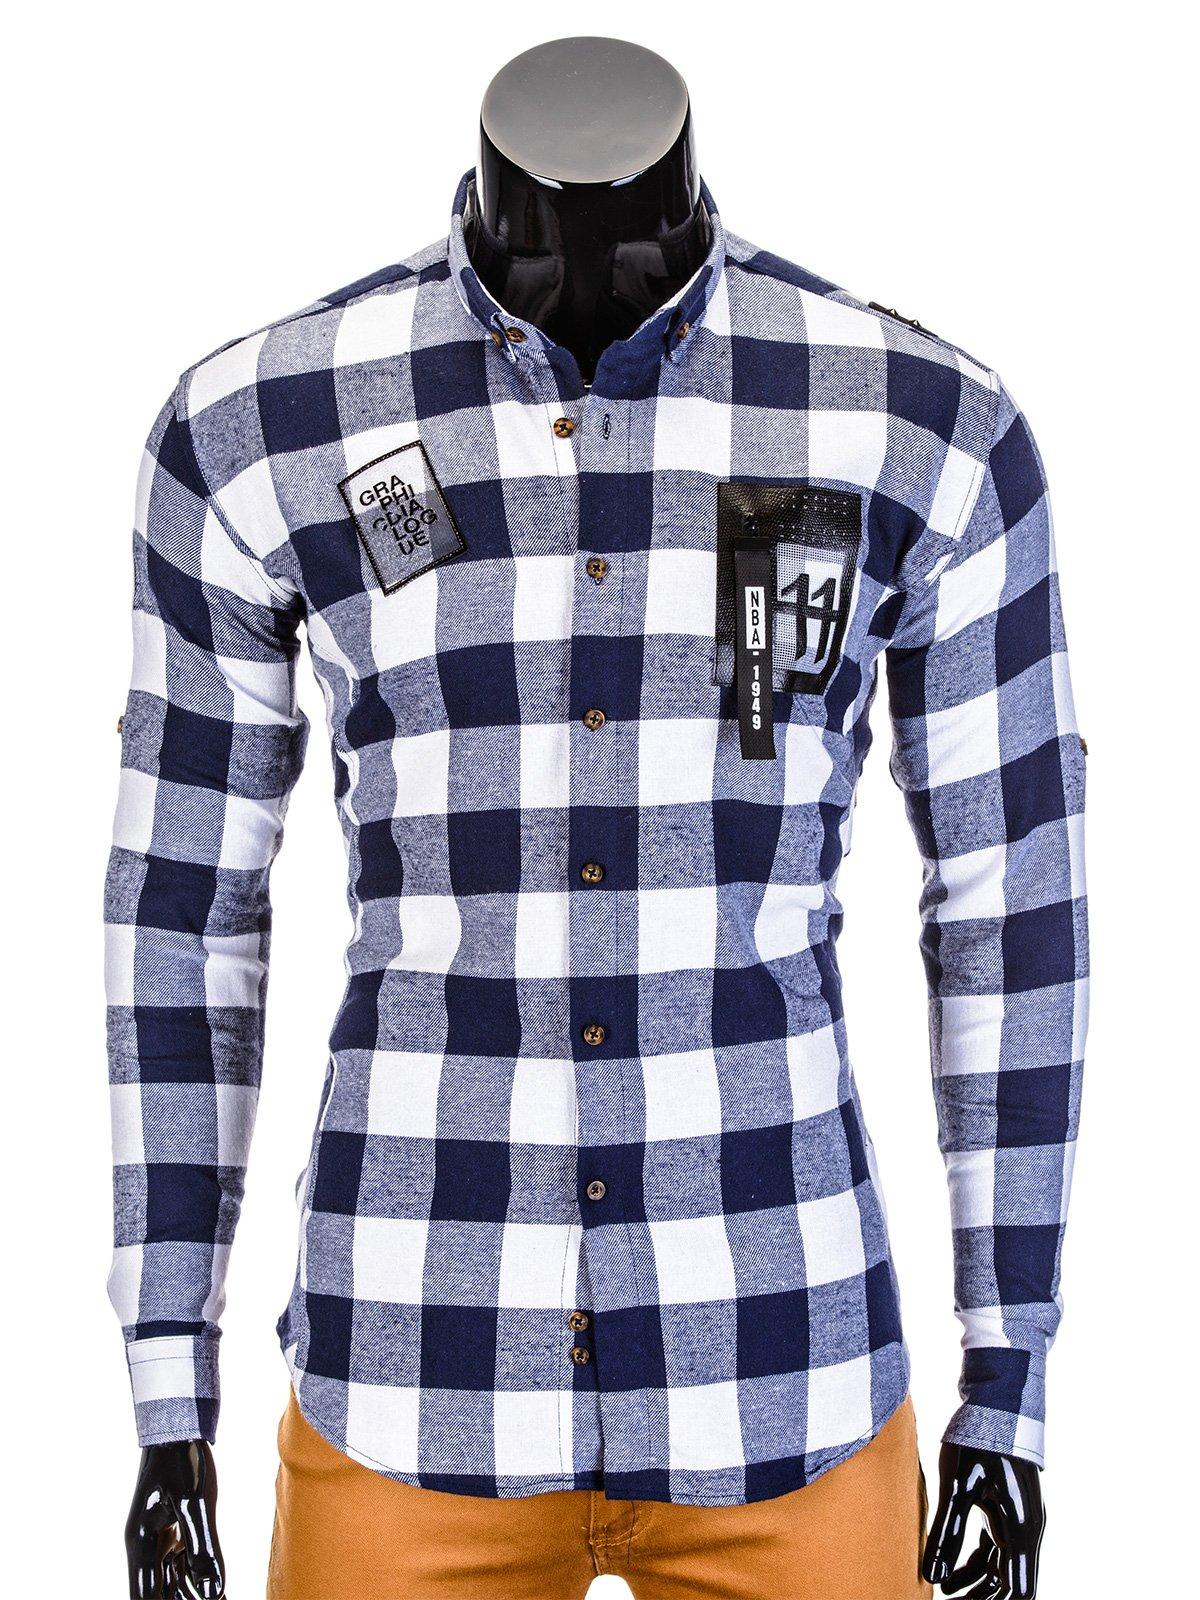 koszule, koszule w kratkę koszula mĘska w kratĘ z dŁugim rĘkawem k369 - granatowa - m